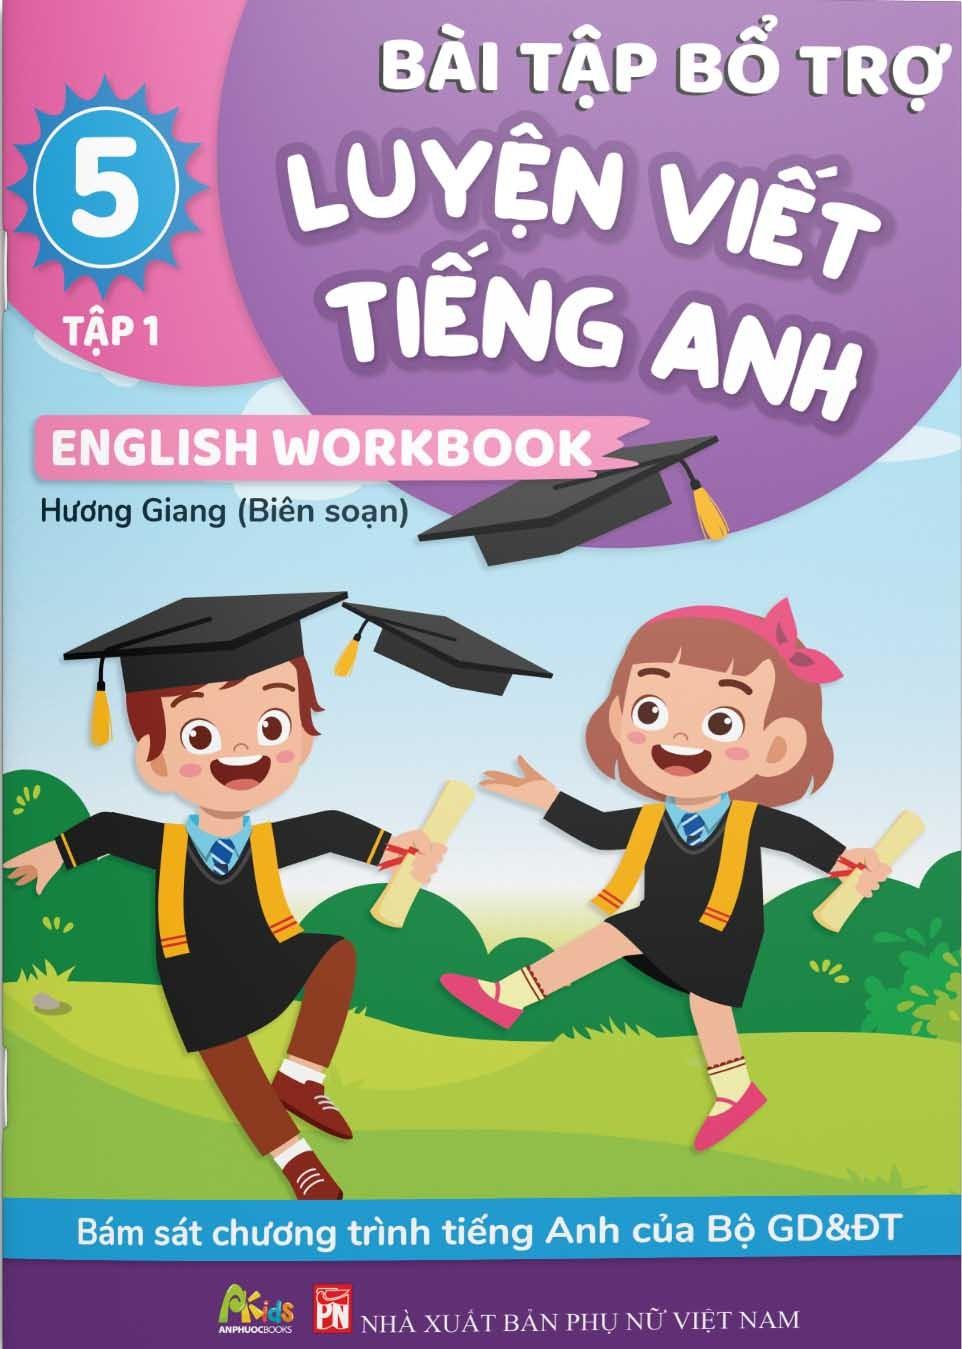 Bài Tập Bổ Trợ Luyện Viết Tiếng Anh - English Workbook Lớp 5 Tập 1